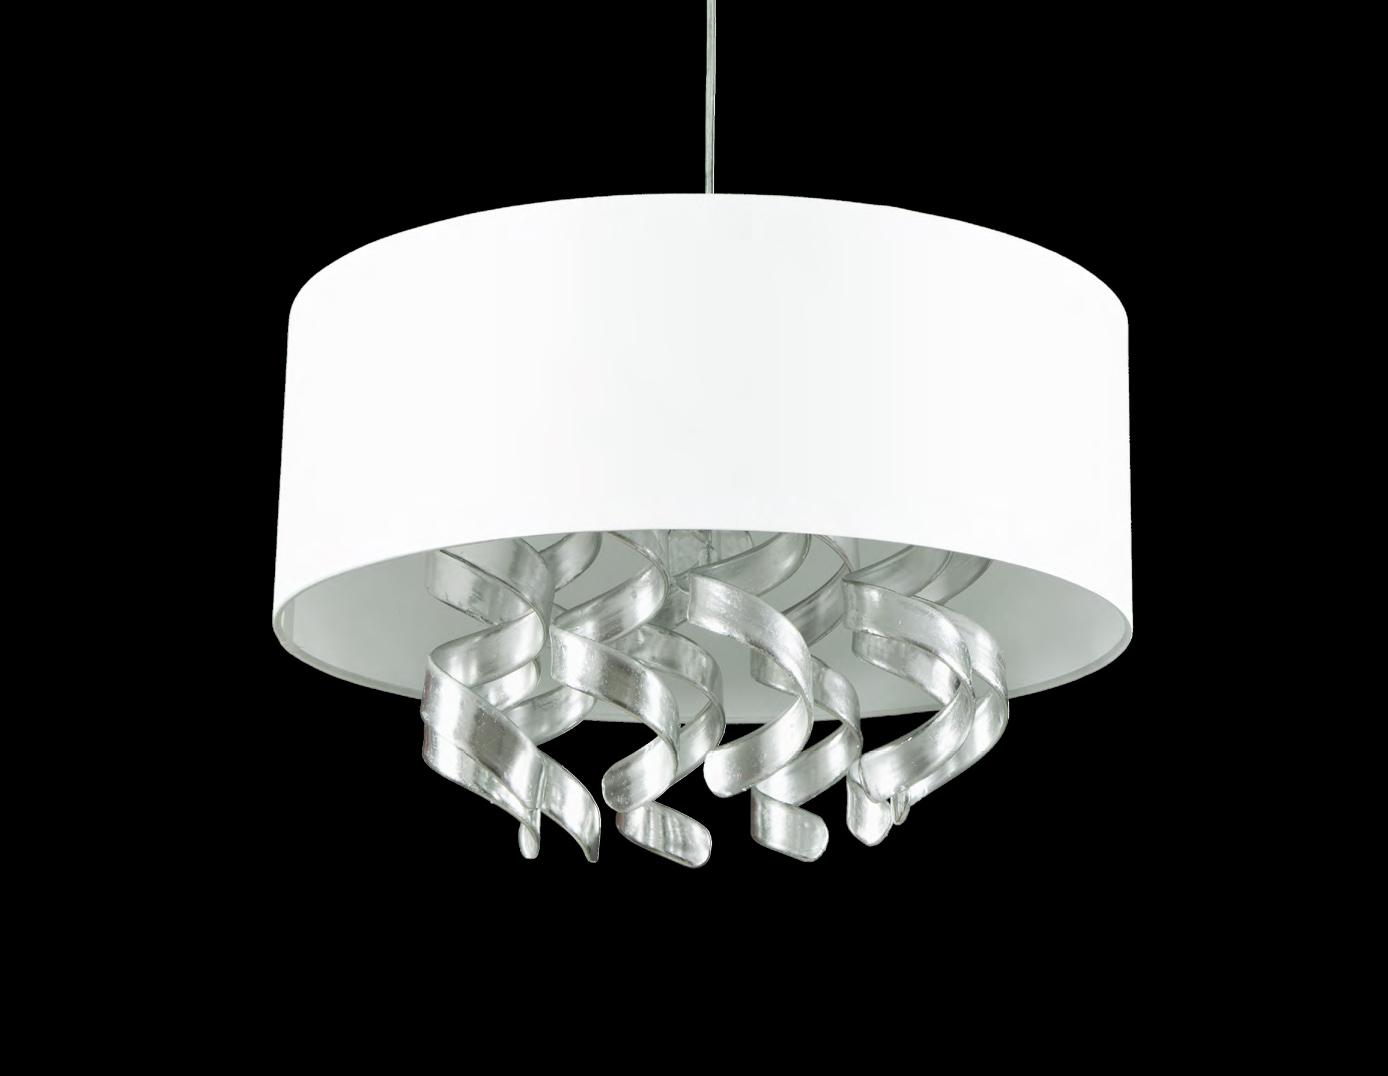 Padana lampadari lampada a sospensione sharon 1053 fa